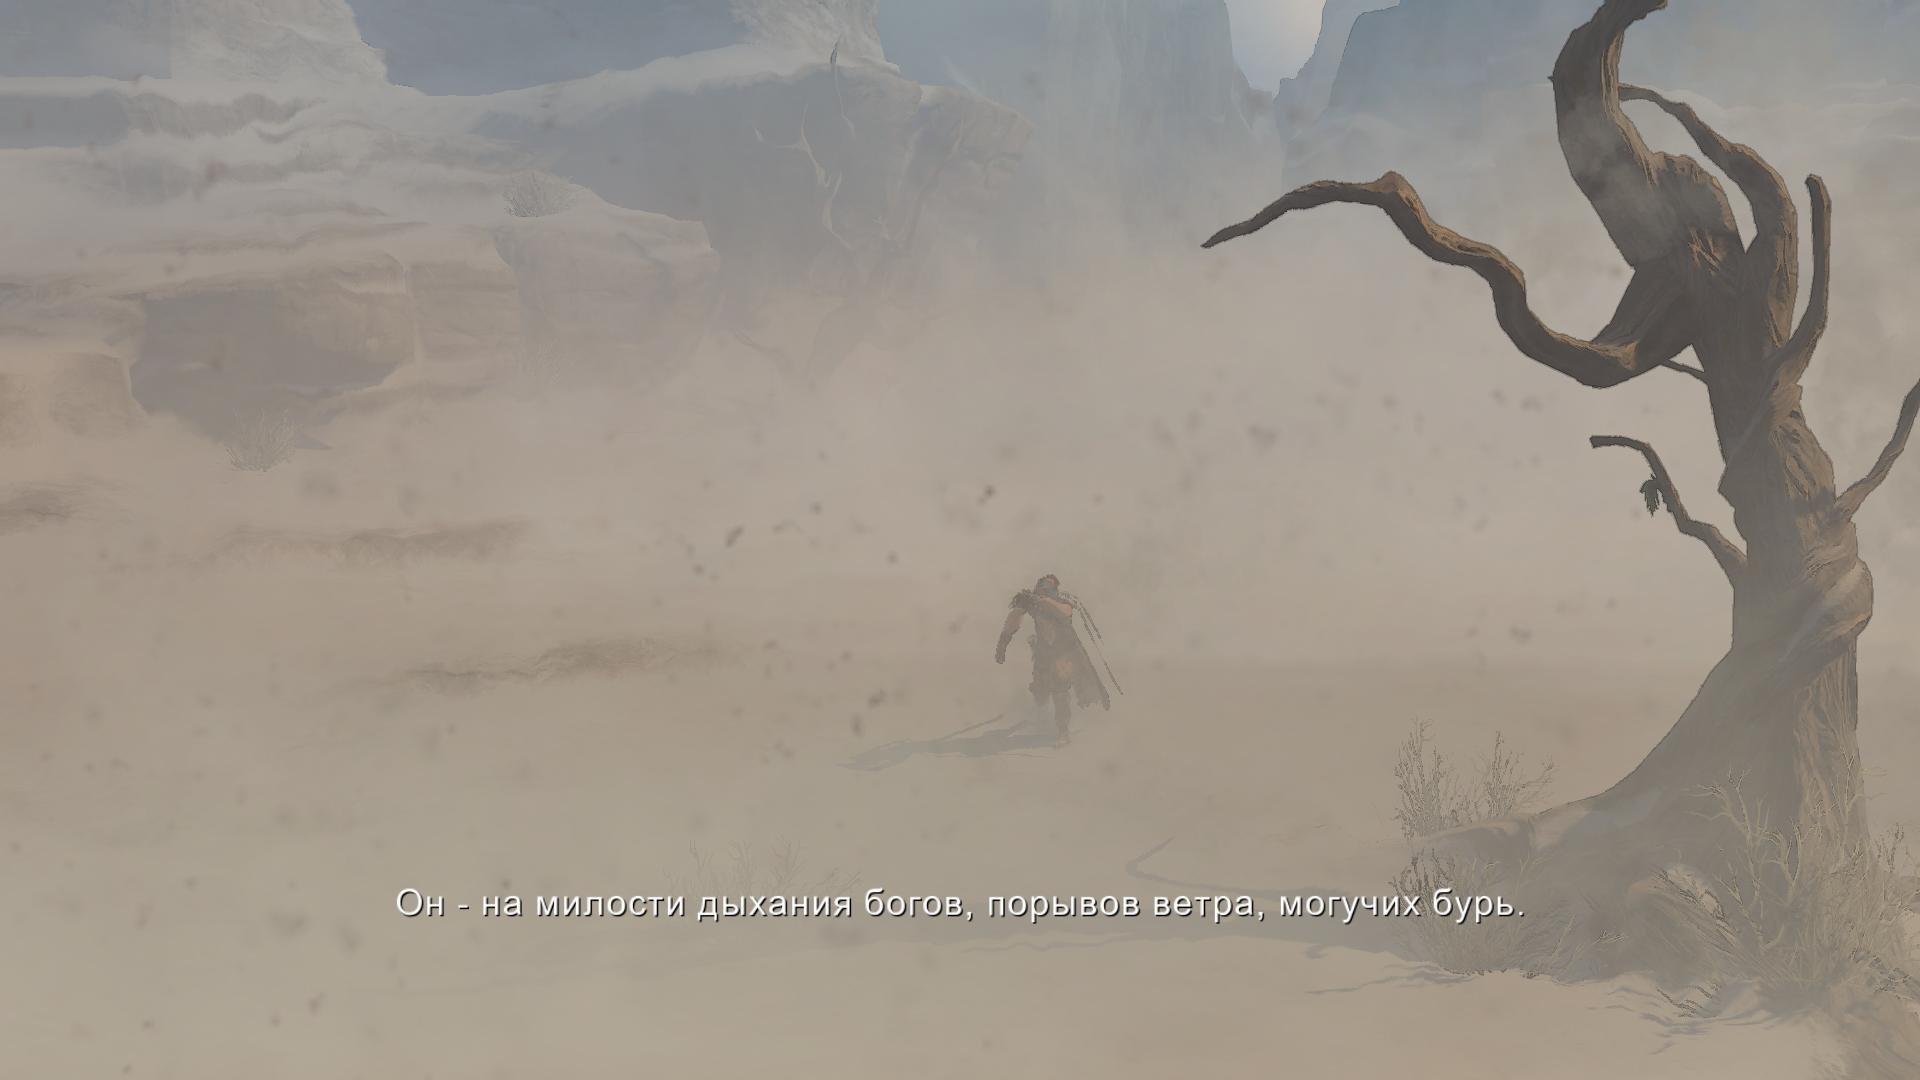 Ретро-прохождение Prince of Persia (2008) в скриншотах ... Часть 1 НАЧАЛО!  - Изображение 2